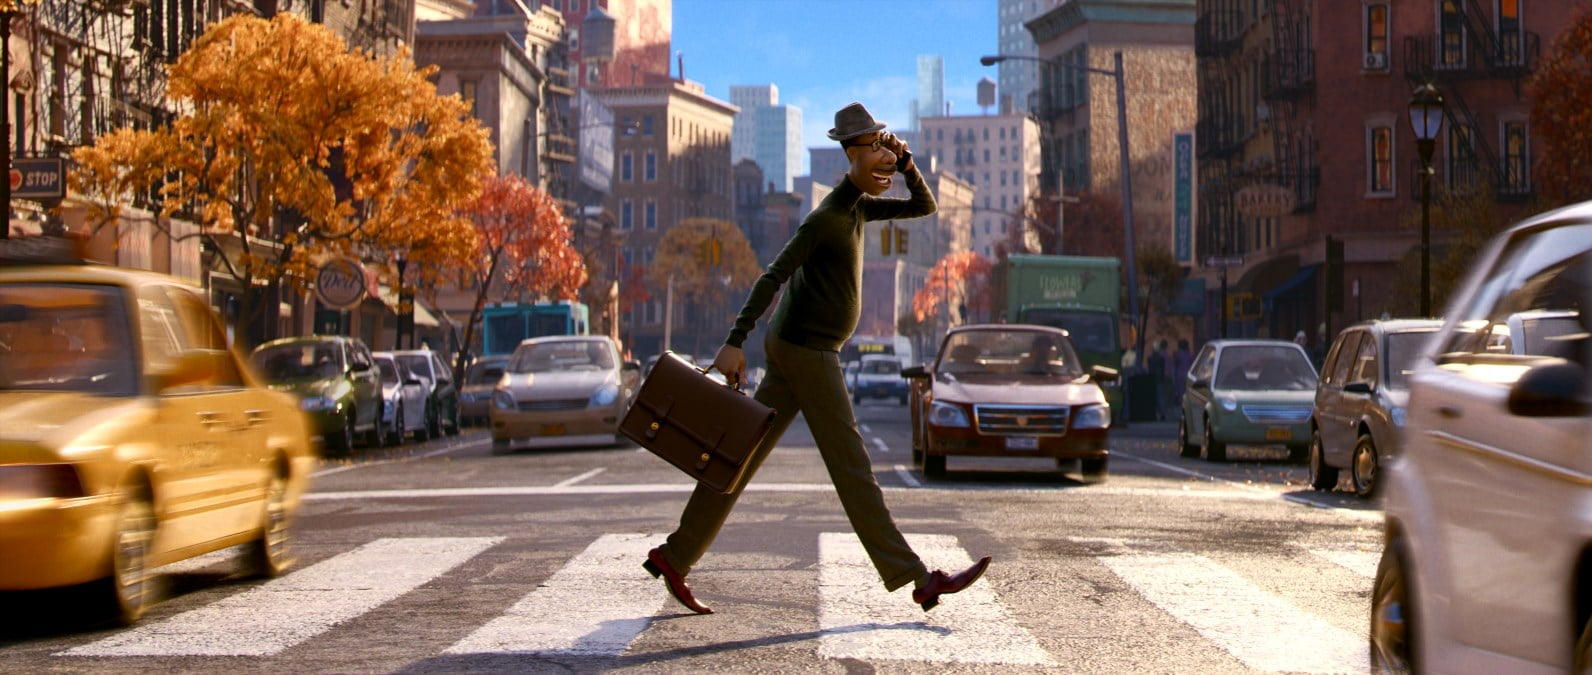 SOUL Disney Pixar 20202 111 soul pixar hotstar